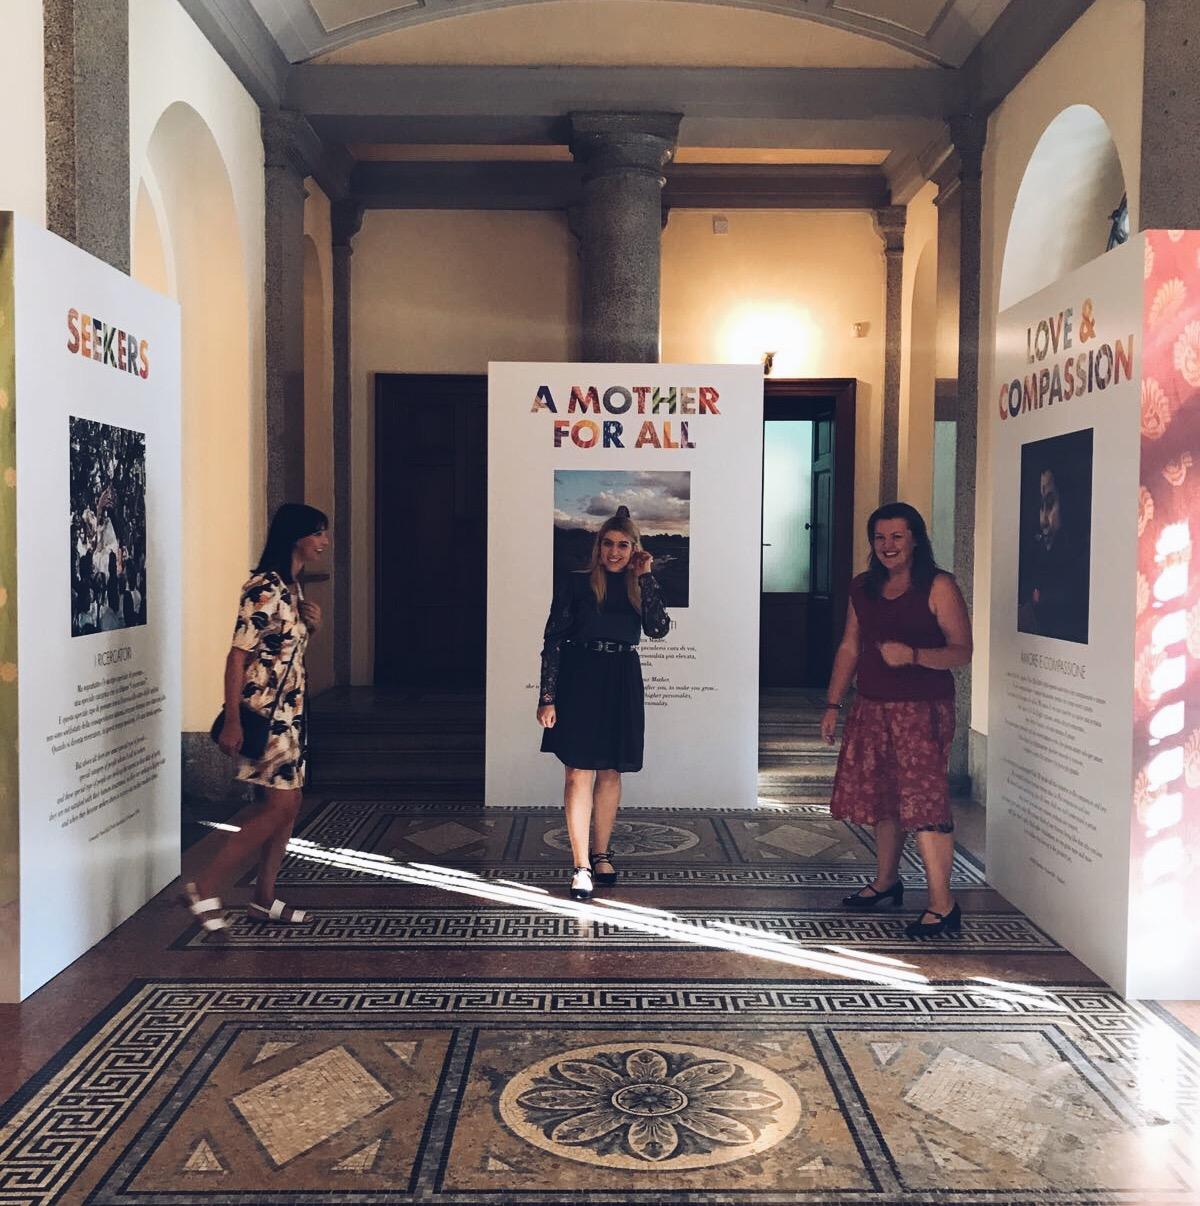 Tre donne alla Mostra Esperienziale su Shri Mataji, Sahaja Yoga e risveglio energia Kundalini a Milano nel settembre 2018 - foto di tatianaberlaffa.com